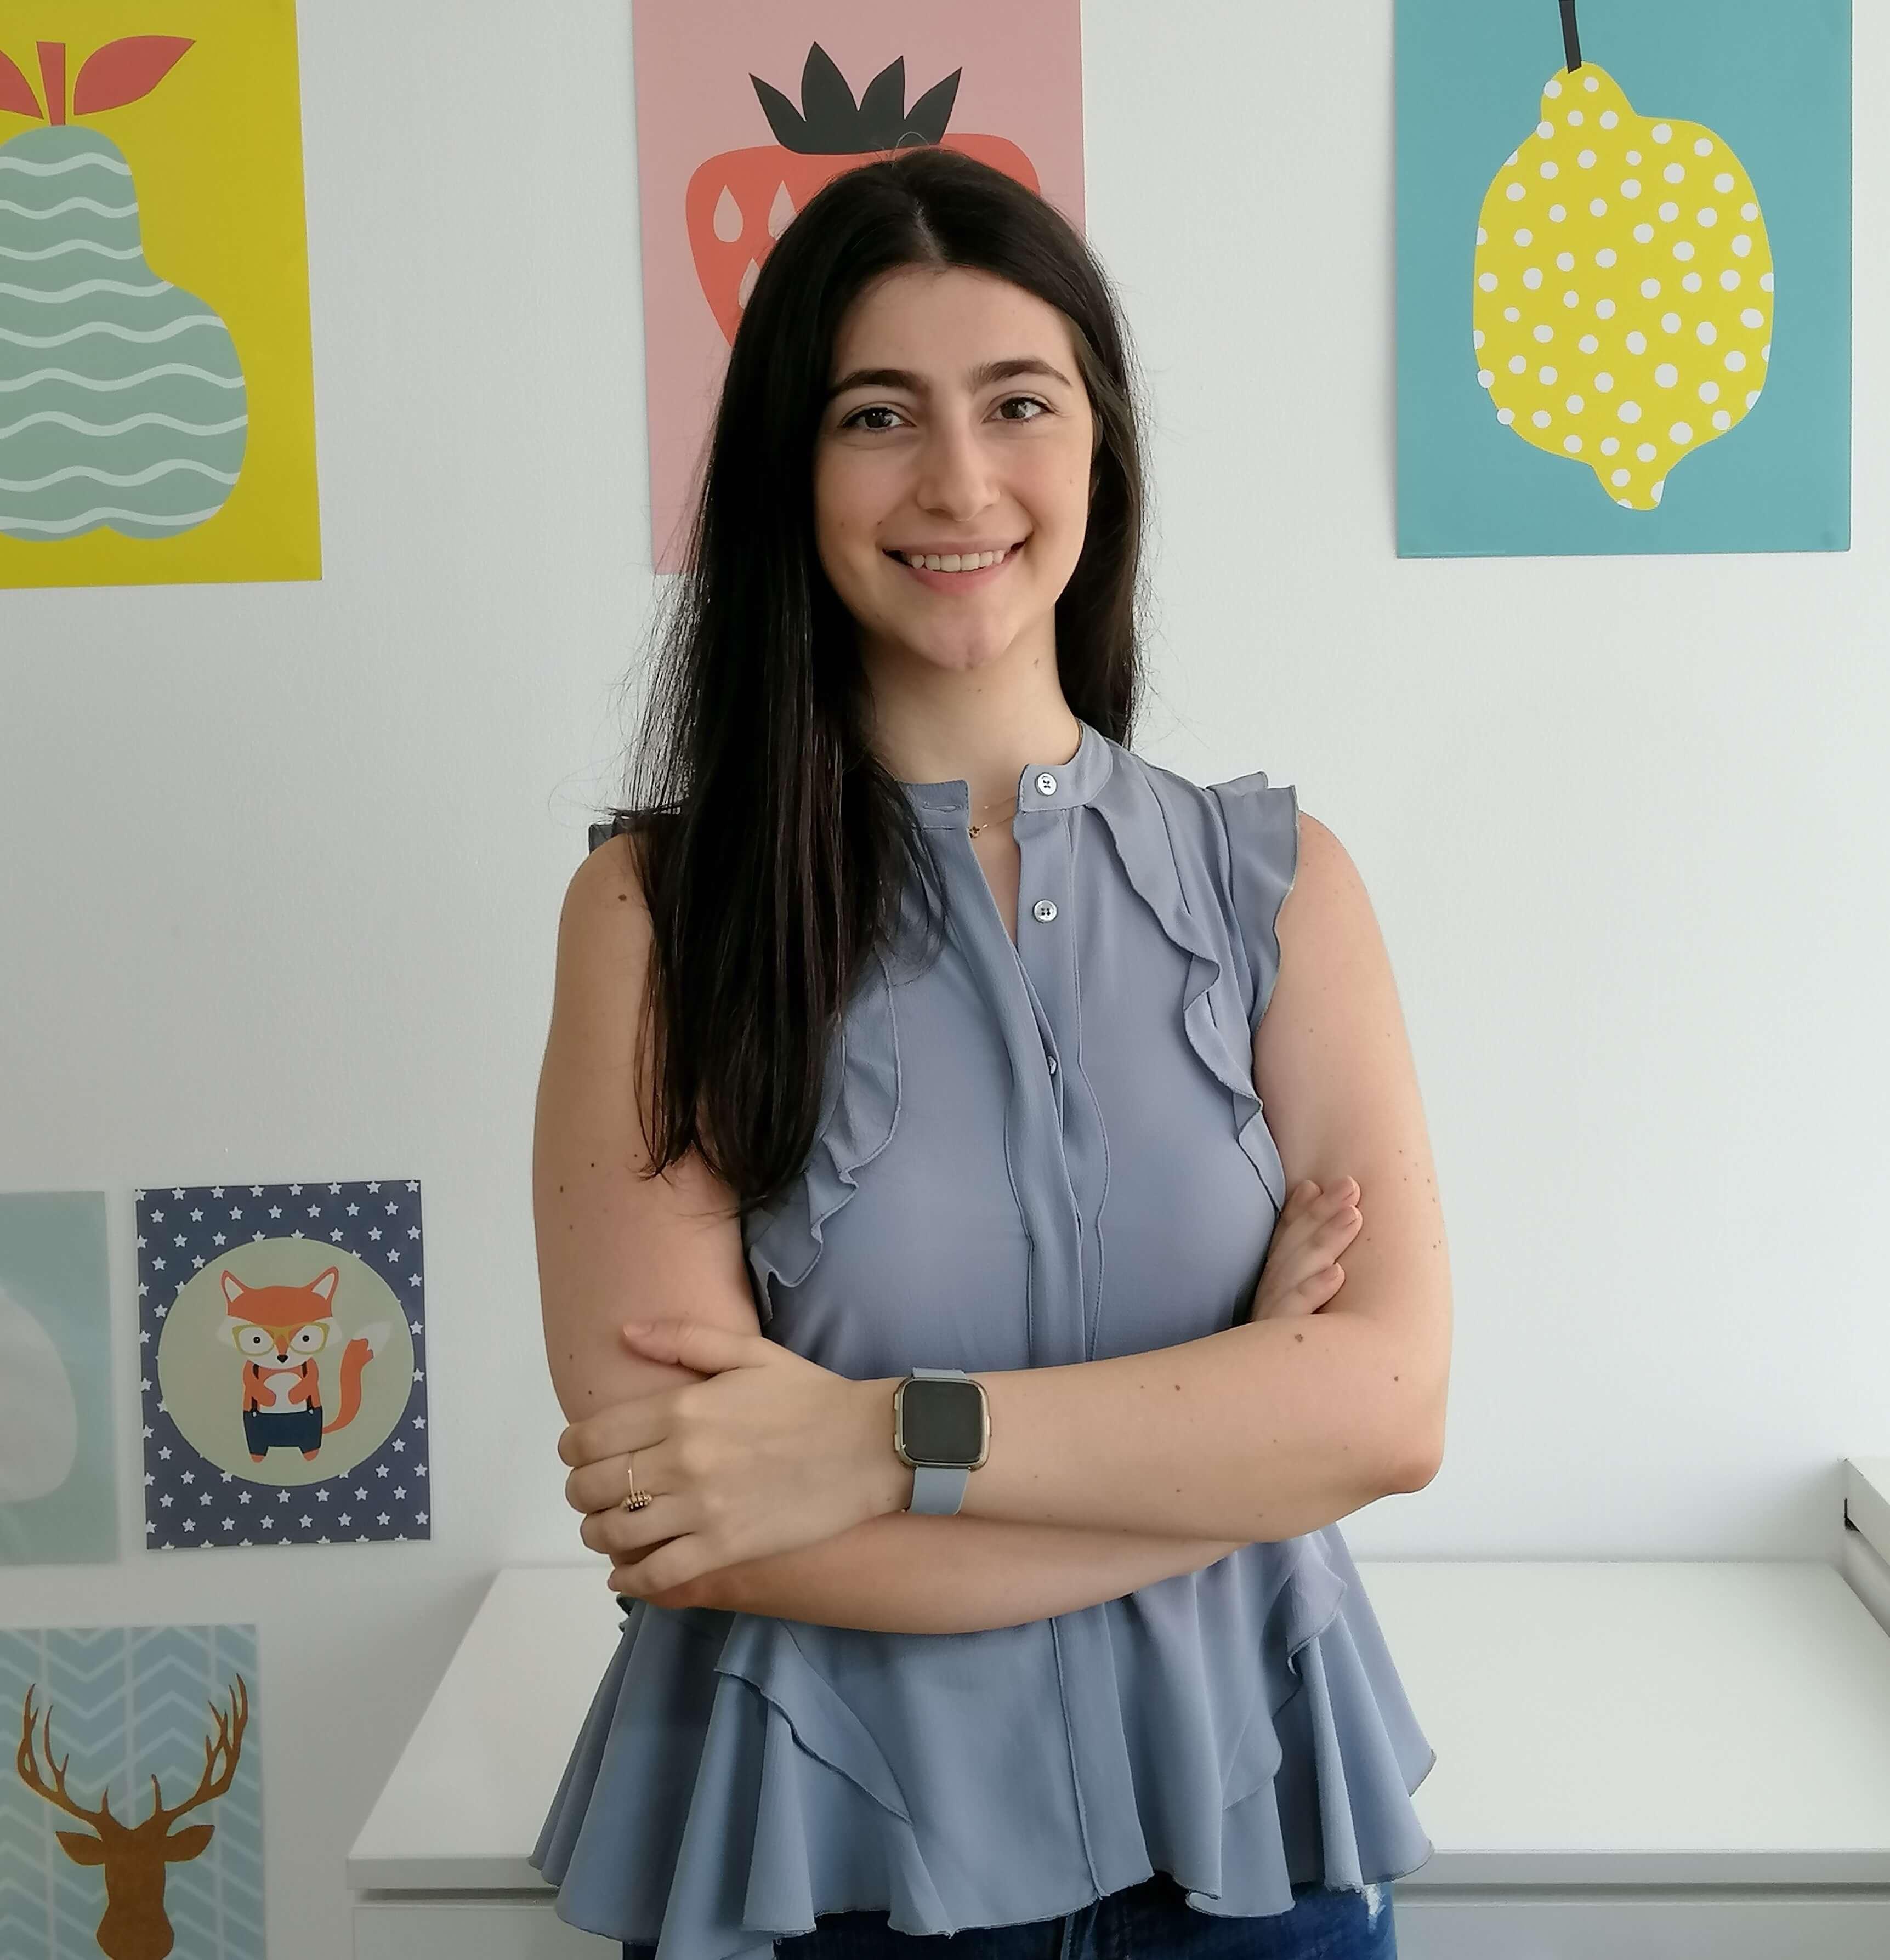 Janine El Asmar